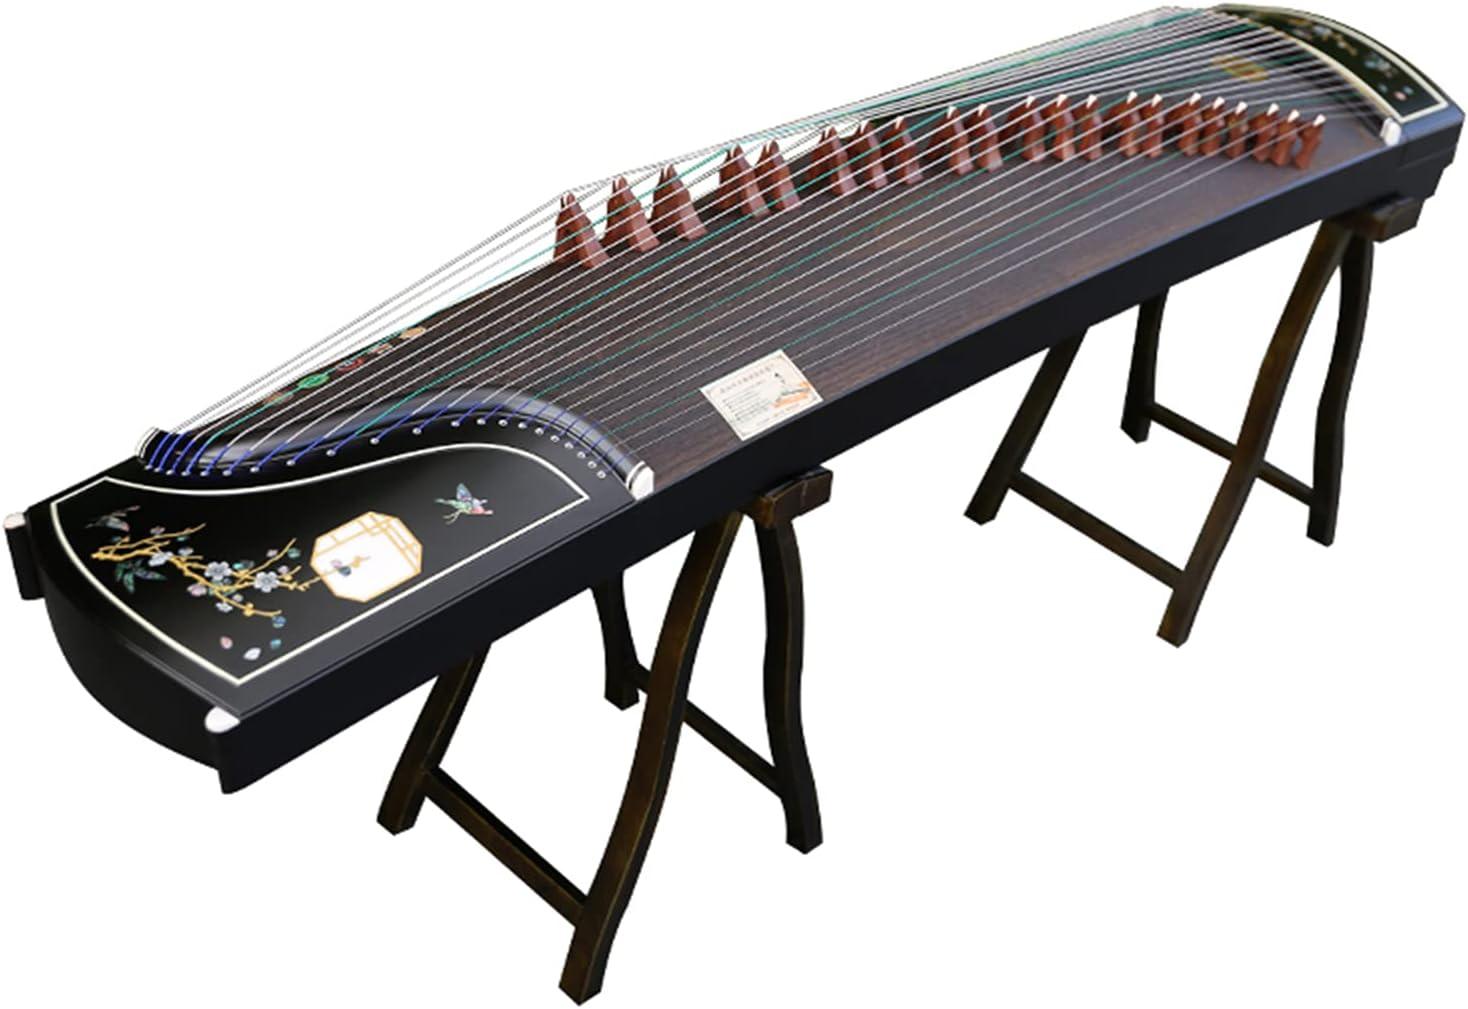 MYRCLMY Guzheng, CÍNAL Guzheng Profesional DE CALIFICACIÓN Profesional DE Profesiones DE Rendimiento DE CUERCO DE COMENTIMIENTO DE CUERZA DE COMPAÑÍN, EETÓNA DE EURÓNA Guzheng Piano